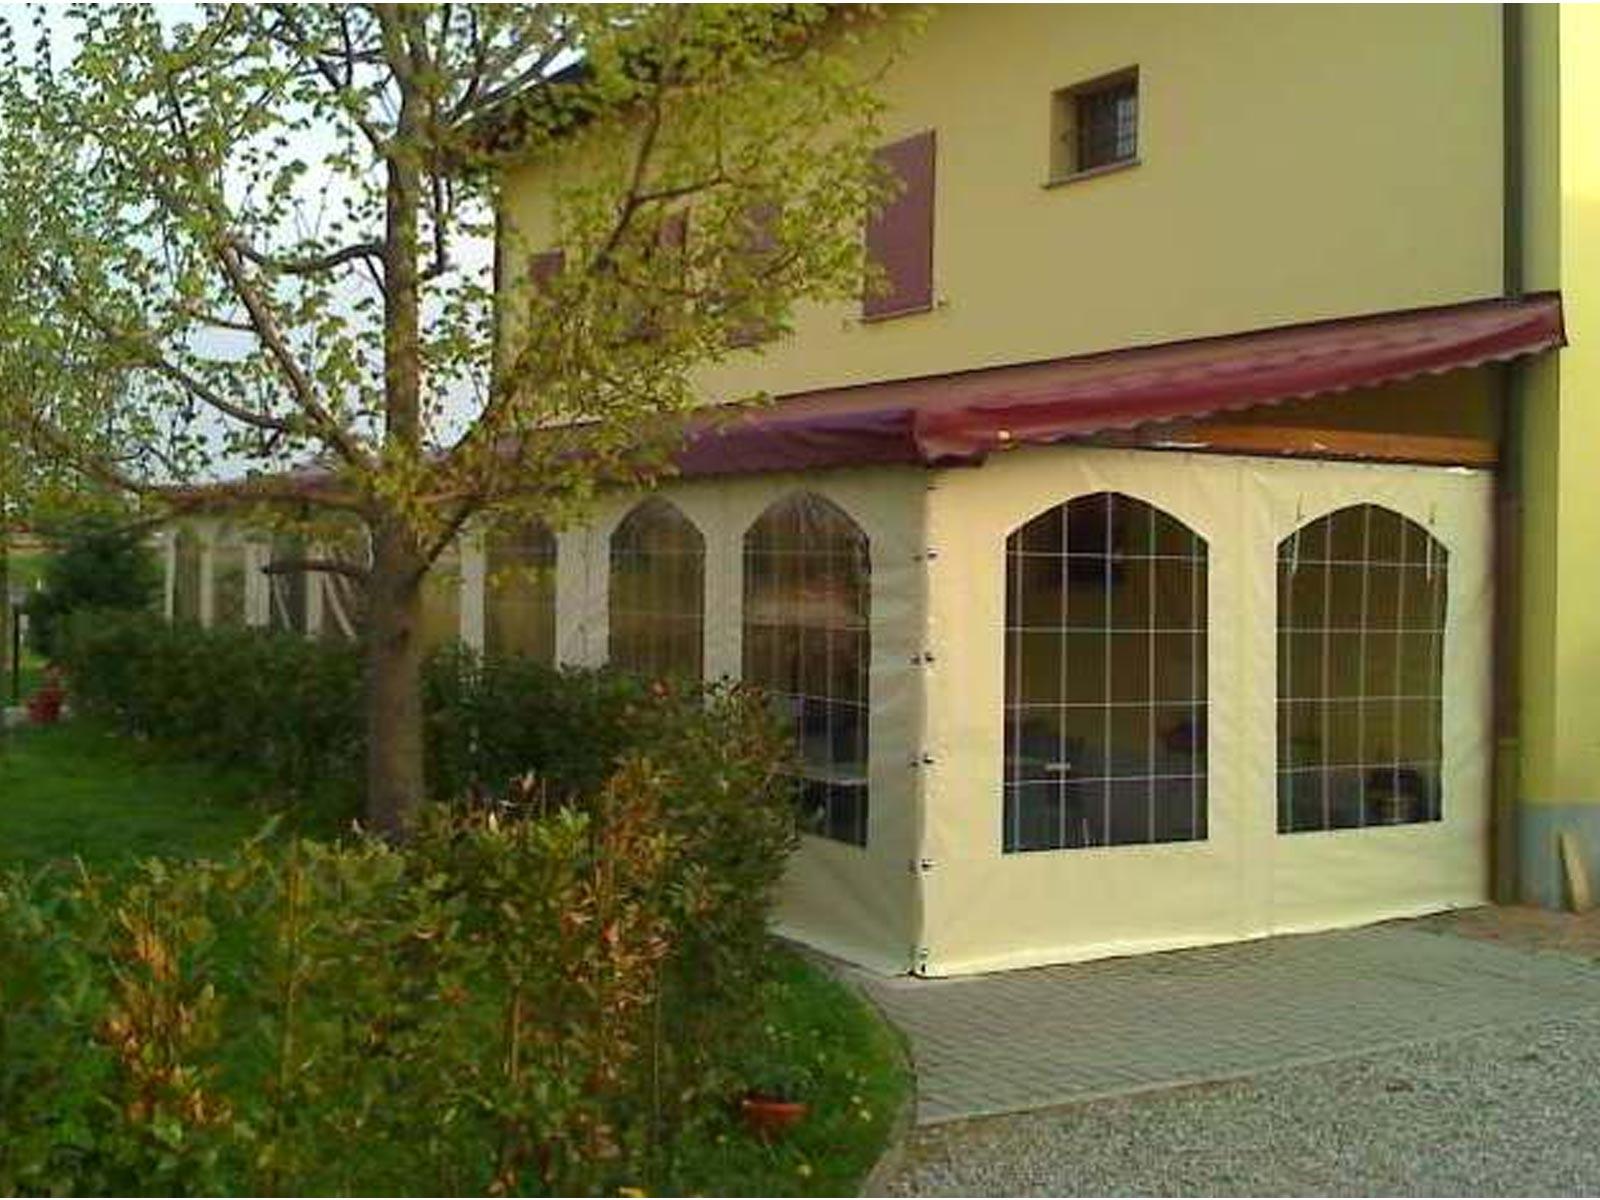 Chiusura di veranda con teli in pvc apribili a bergamo e for Teli pvc per laghetti